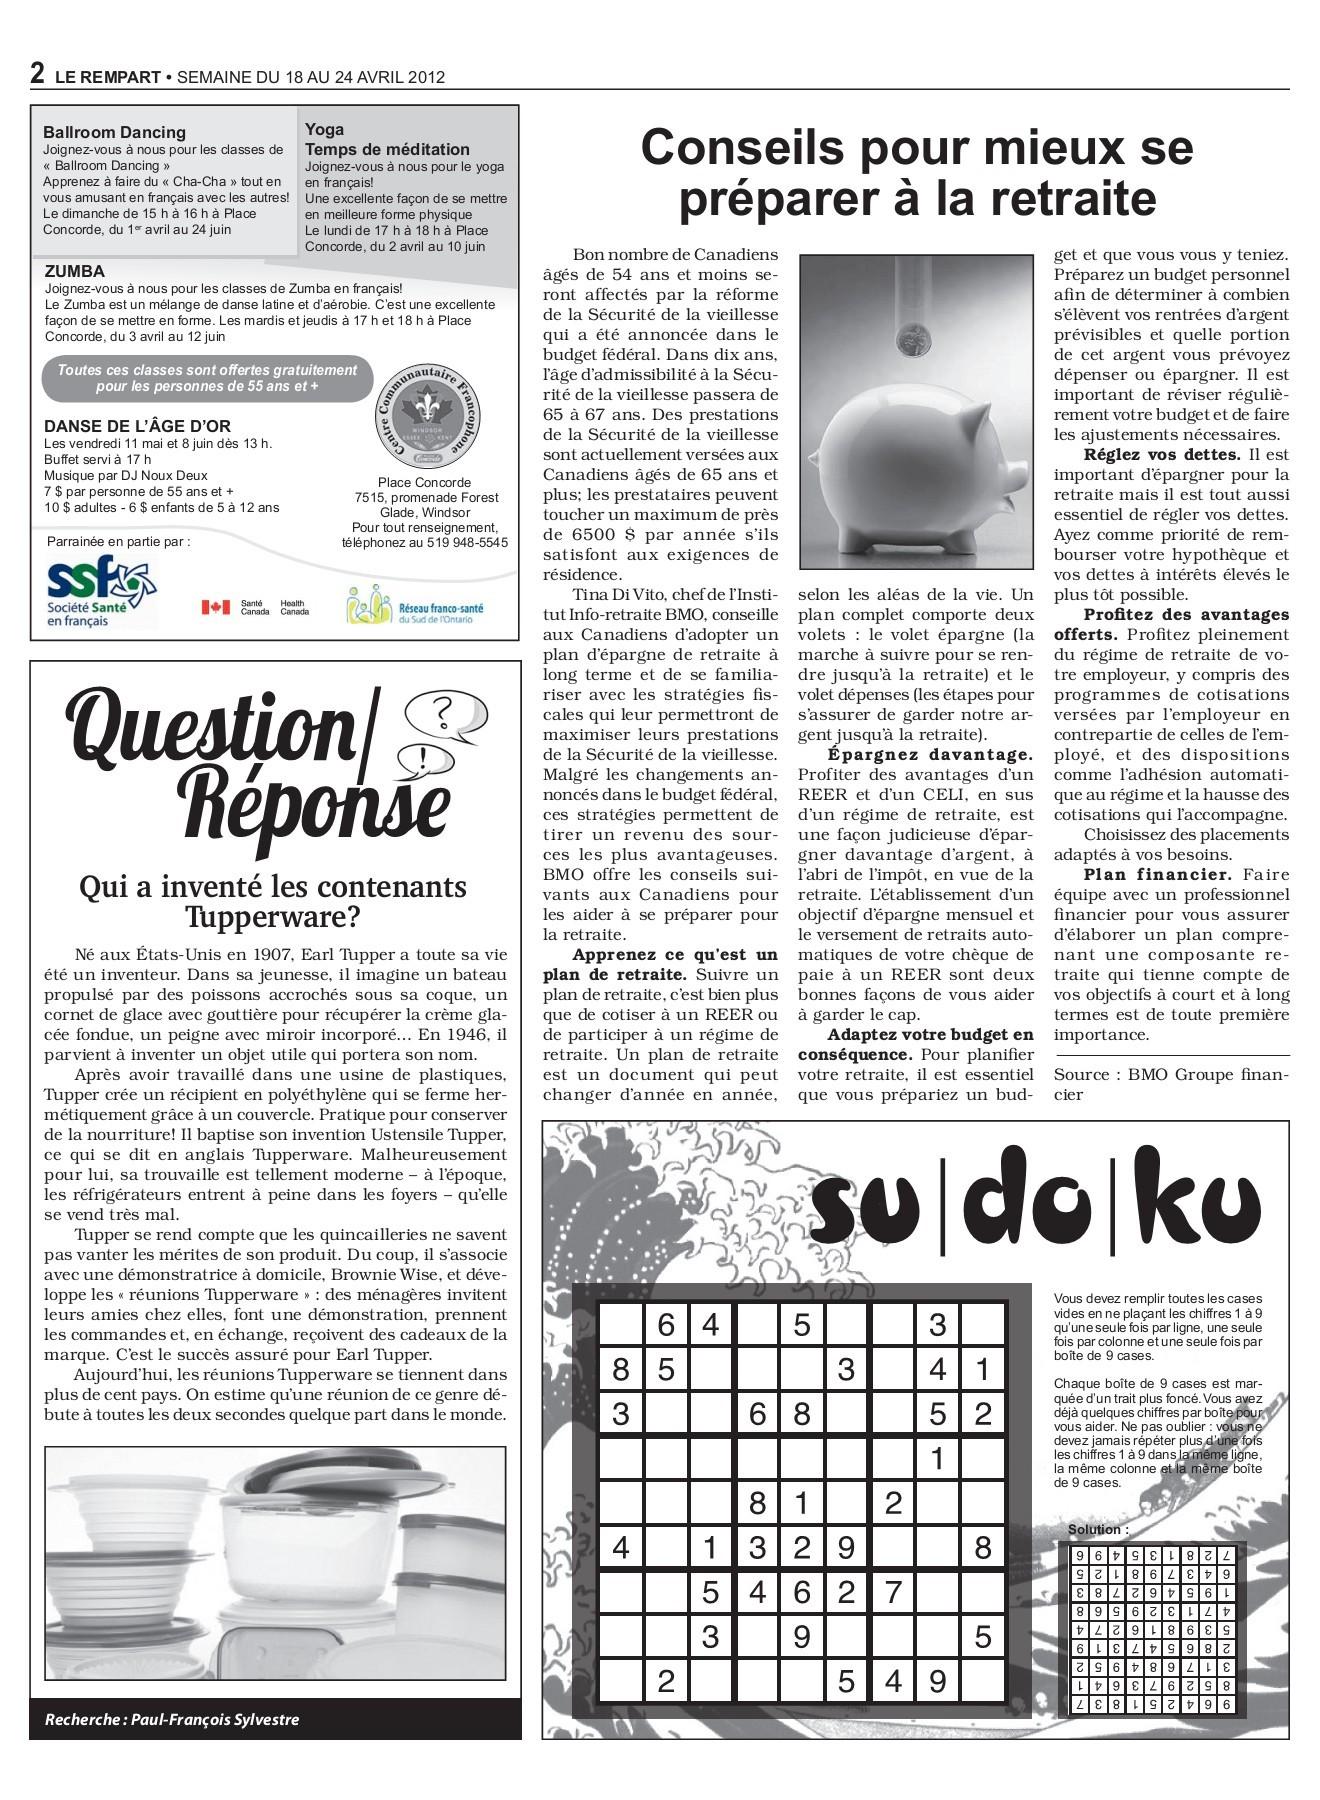 Pro Gouttiere Sainte Cecile 2012 04 18-flip book pages 1-12 | pubhtml5